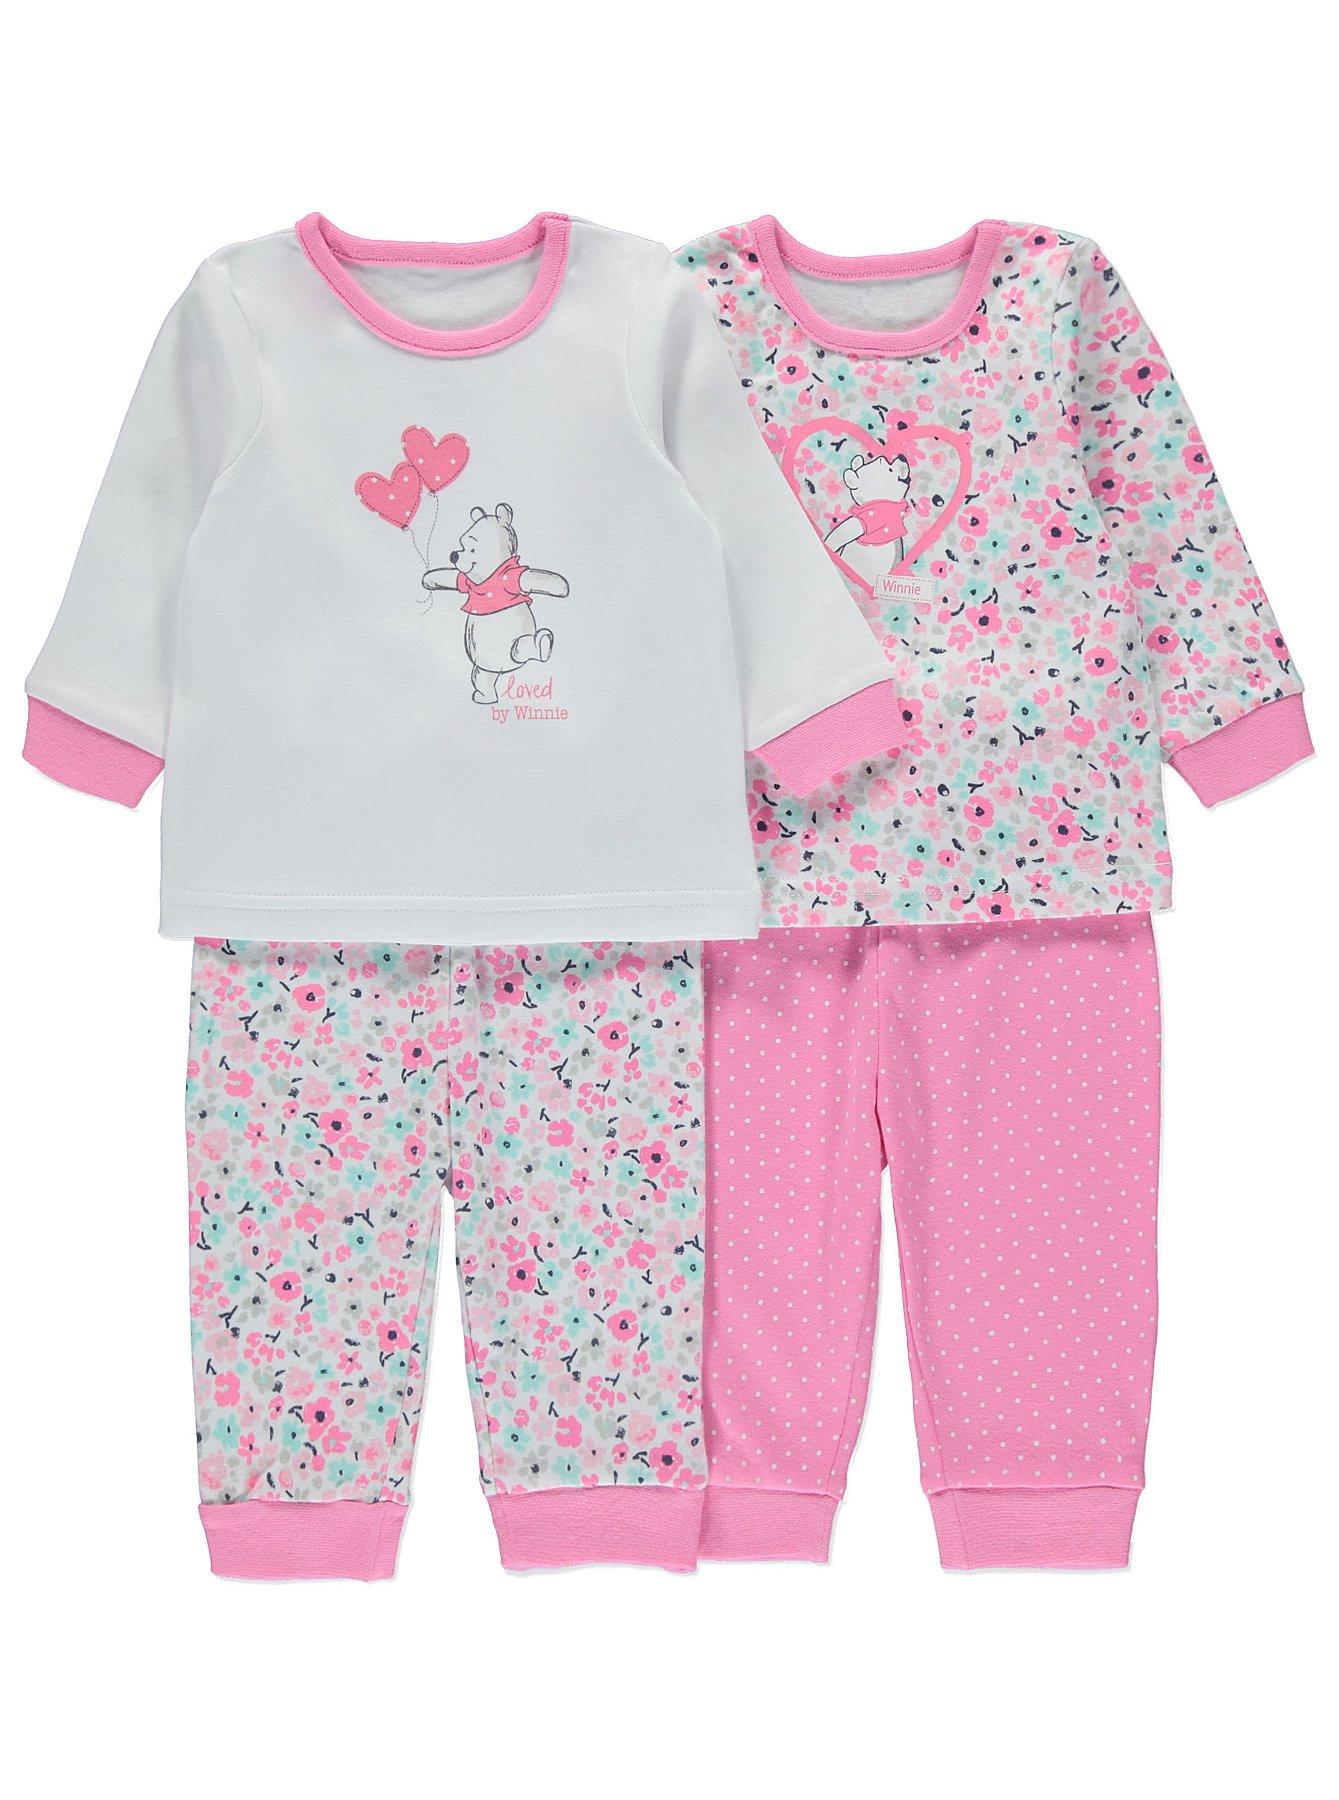 Disney Winnie the Pooh 2 Pack Pyjamas   Baby   George